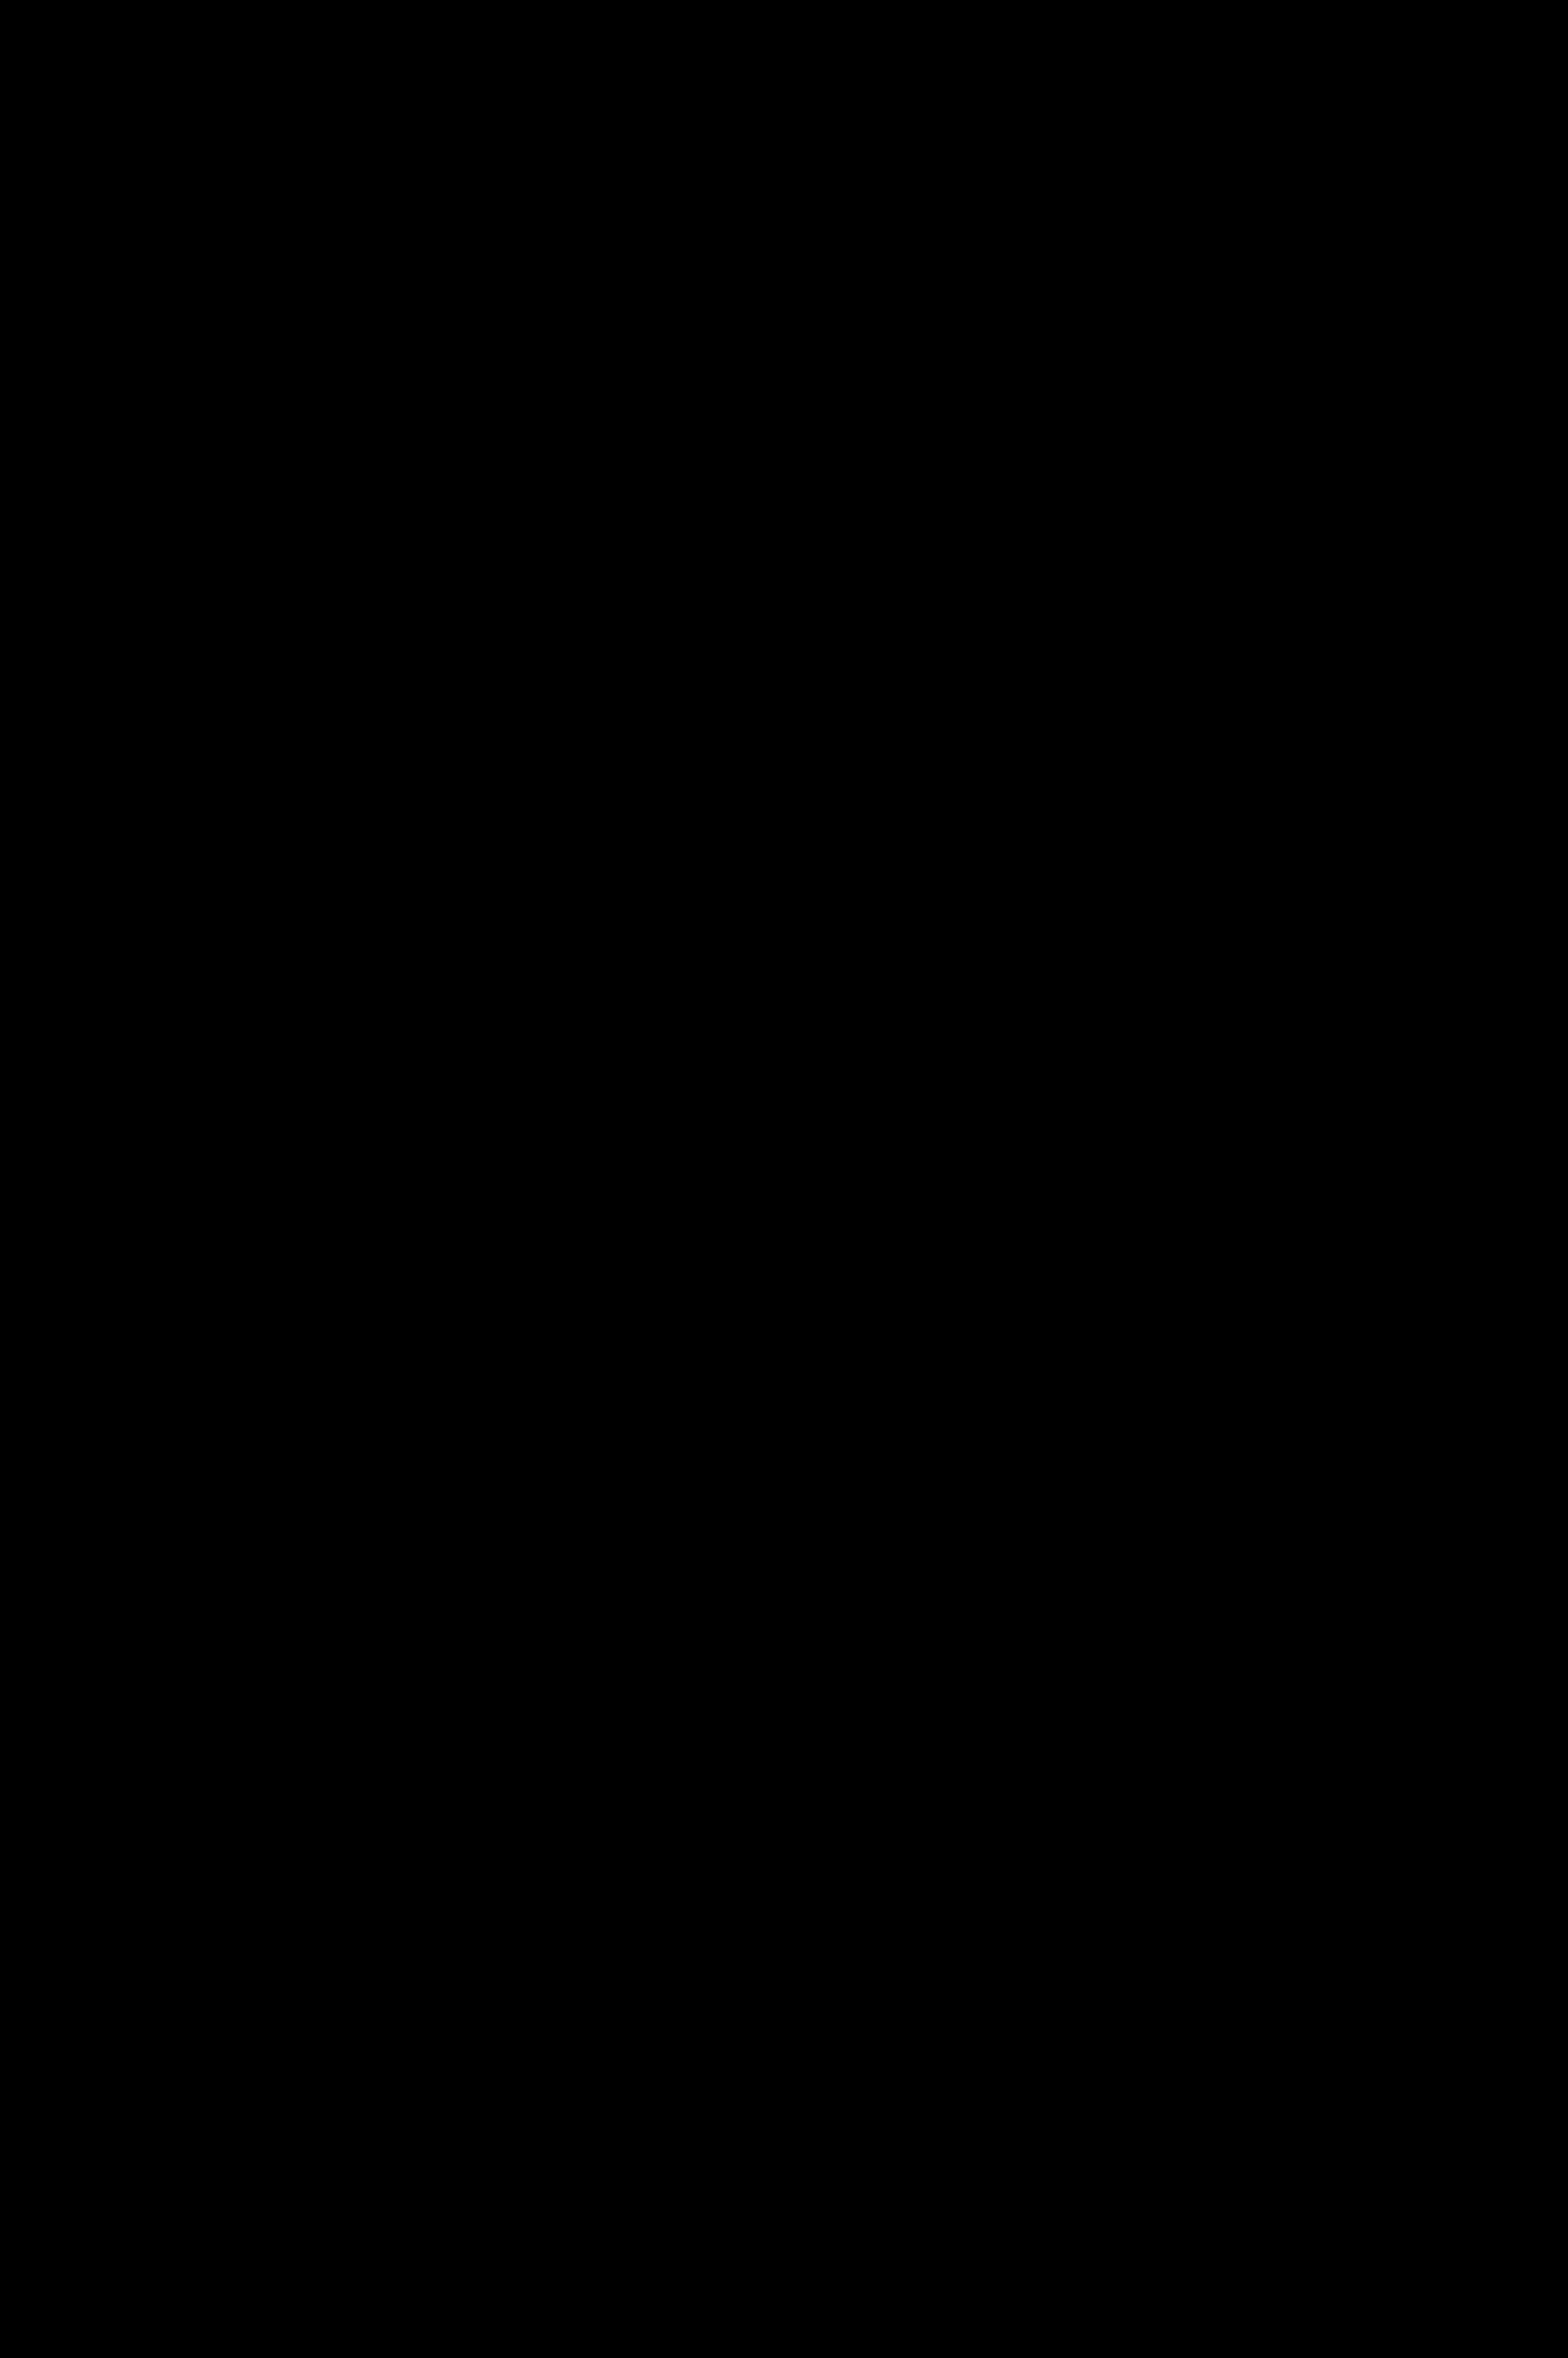 Clipart frames rectangle. Rectangular frame